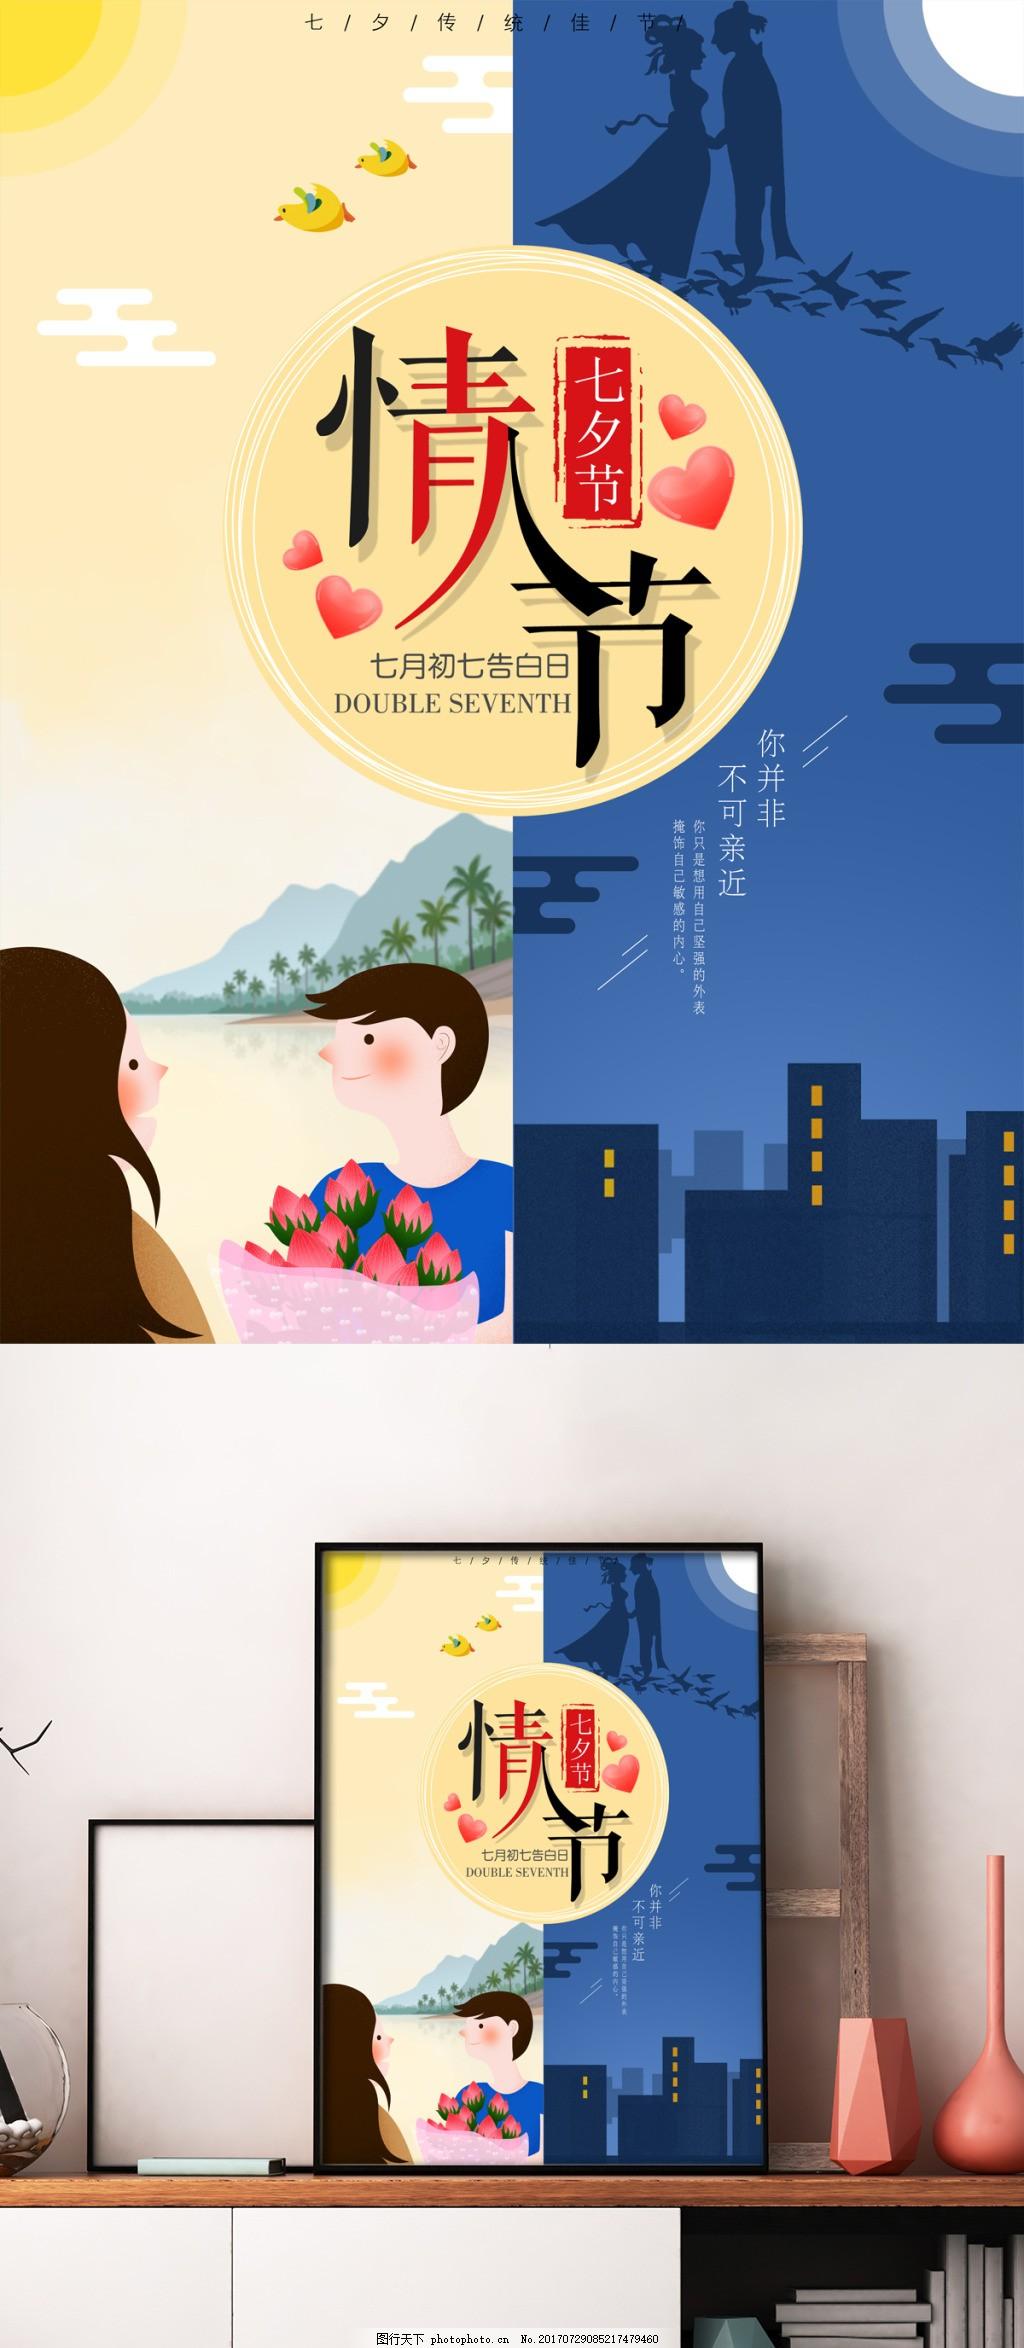 七夕创意插画手绘海报 七夕海报 情人节海报 七夕素材 情人节素材